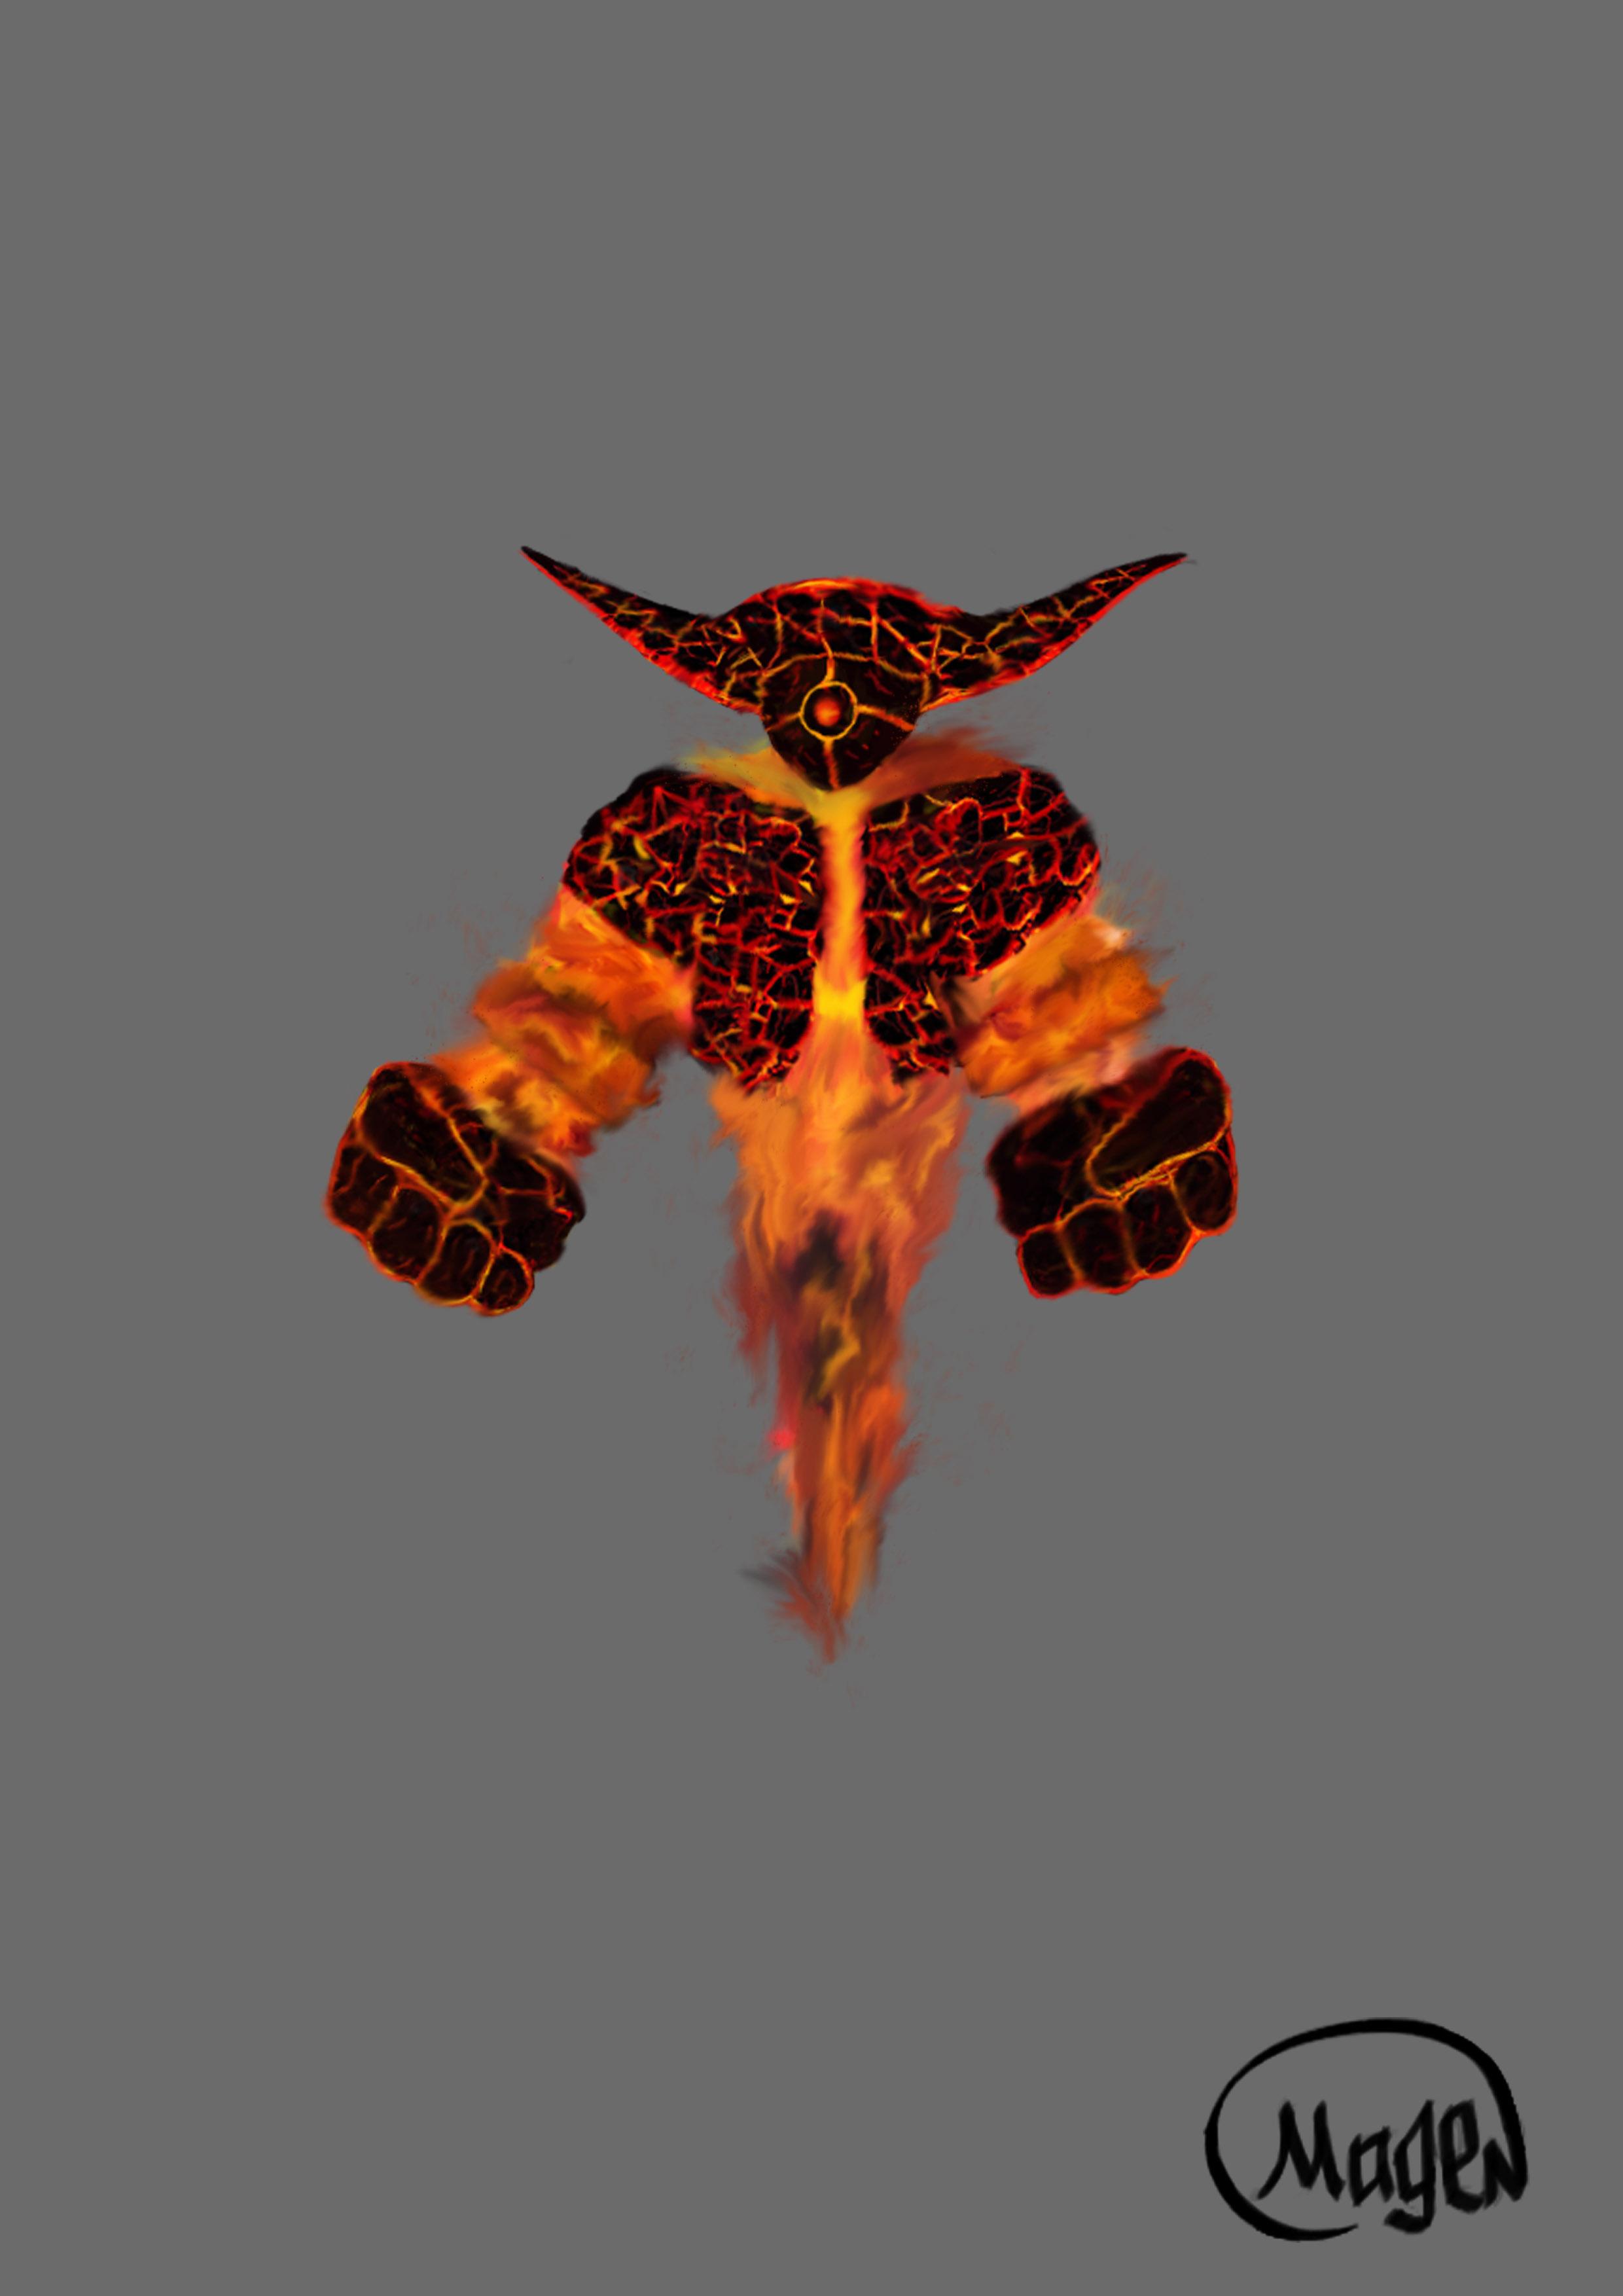 Элемент_огня | MagenArt